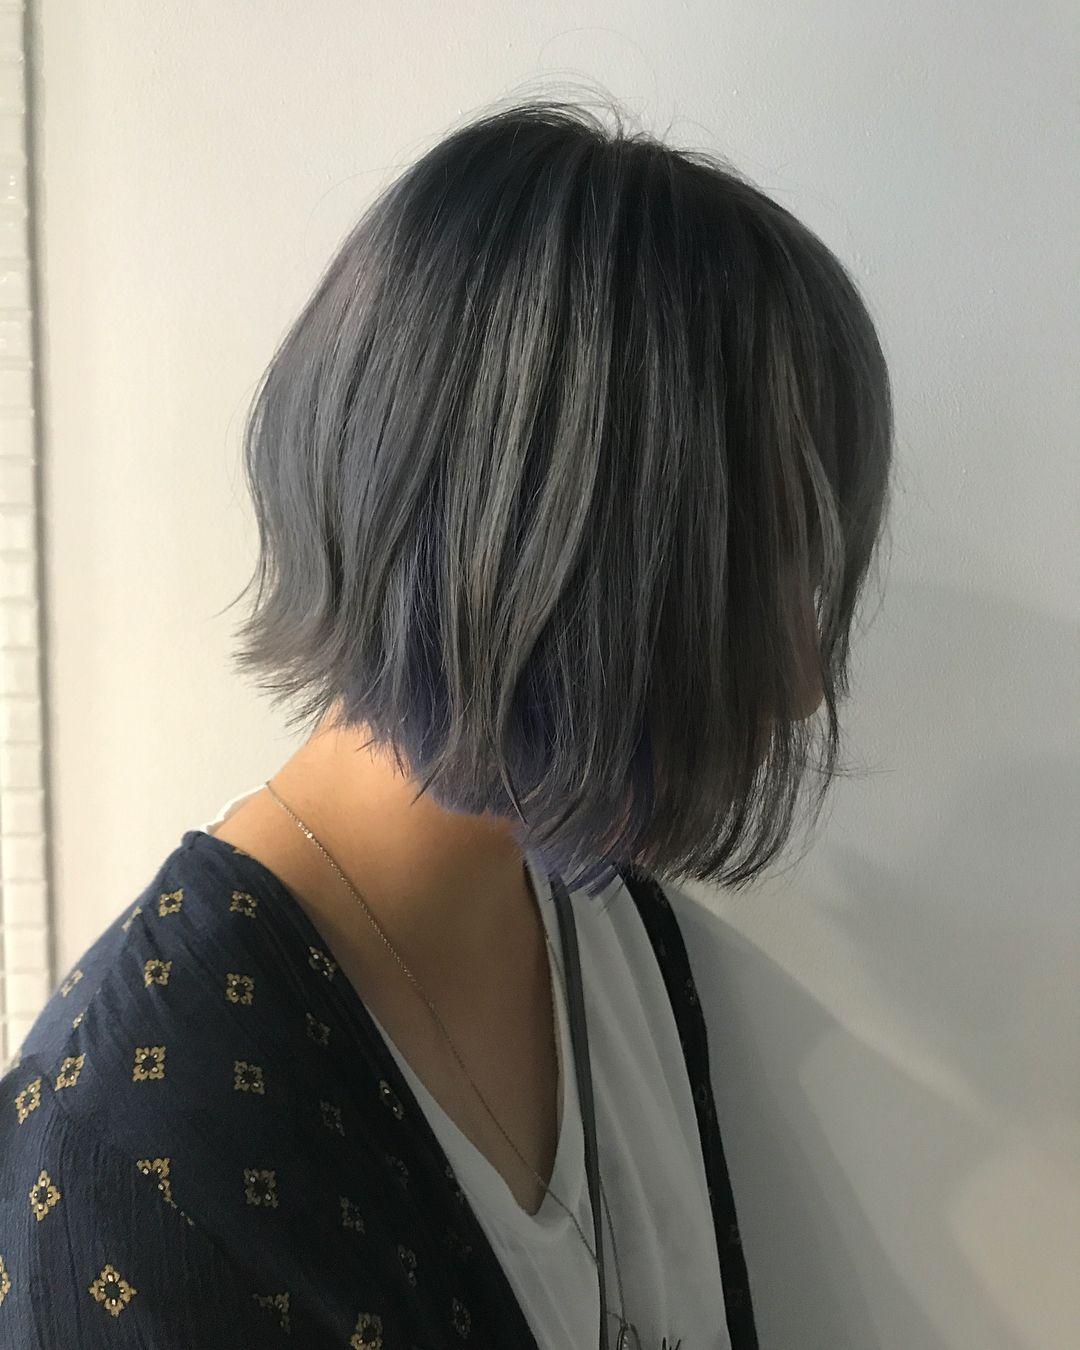 美容室studioa スタイリスト坂井翔さんはinstagramを利用しています ハイインナーカラー グレー ブルー ヘアカラー マニパニ ナシード ブリーチ 切りっぱなしボブ スタイリスト 美容 ヘアカラー